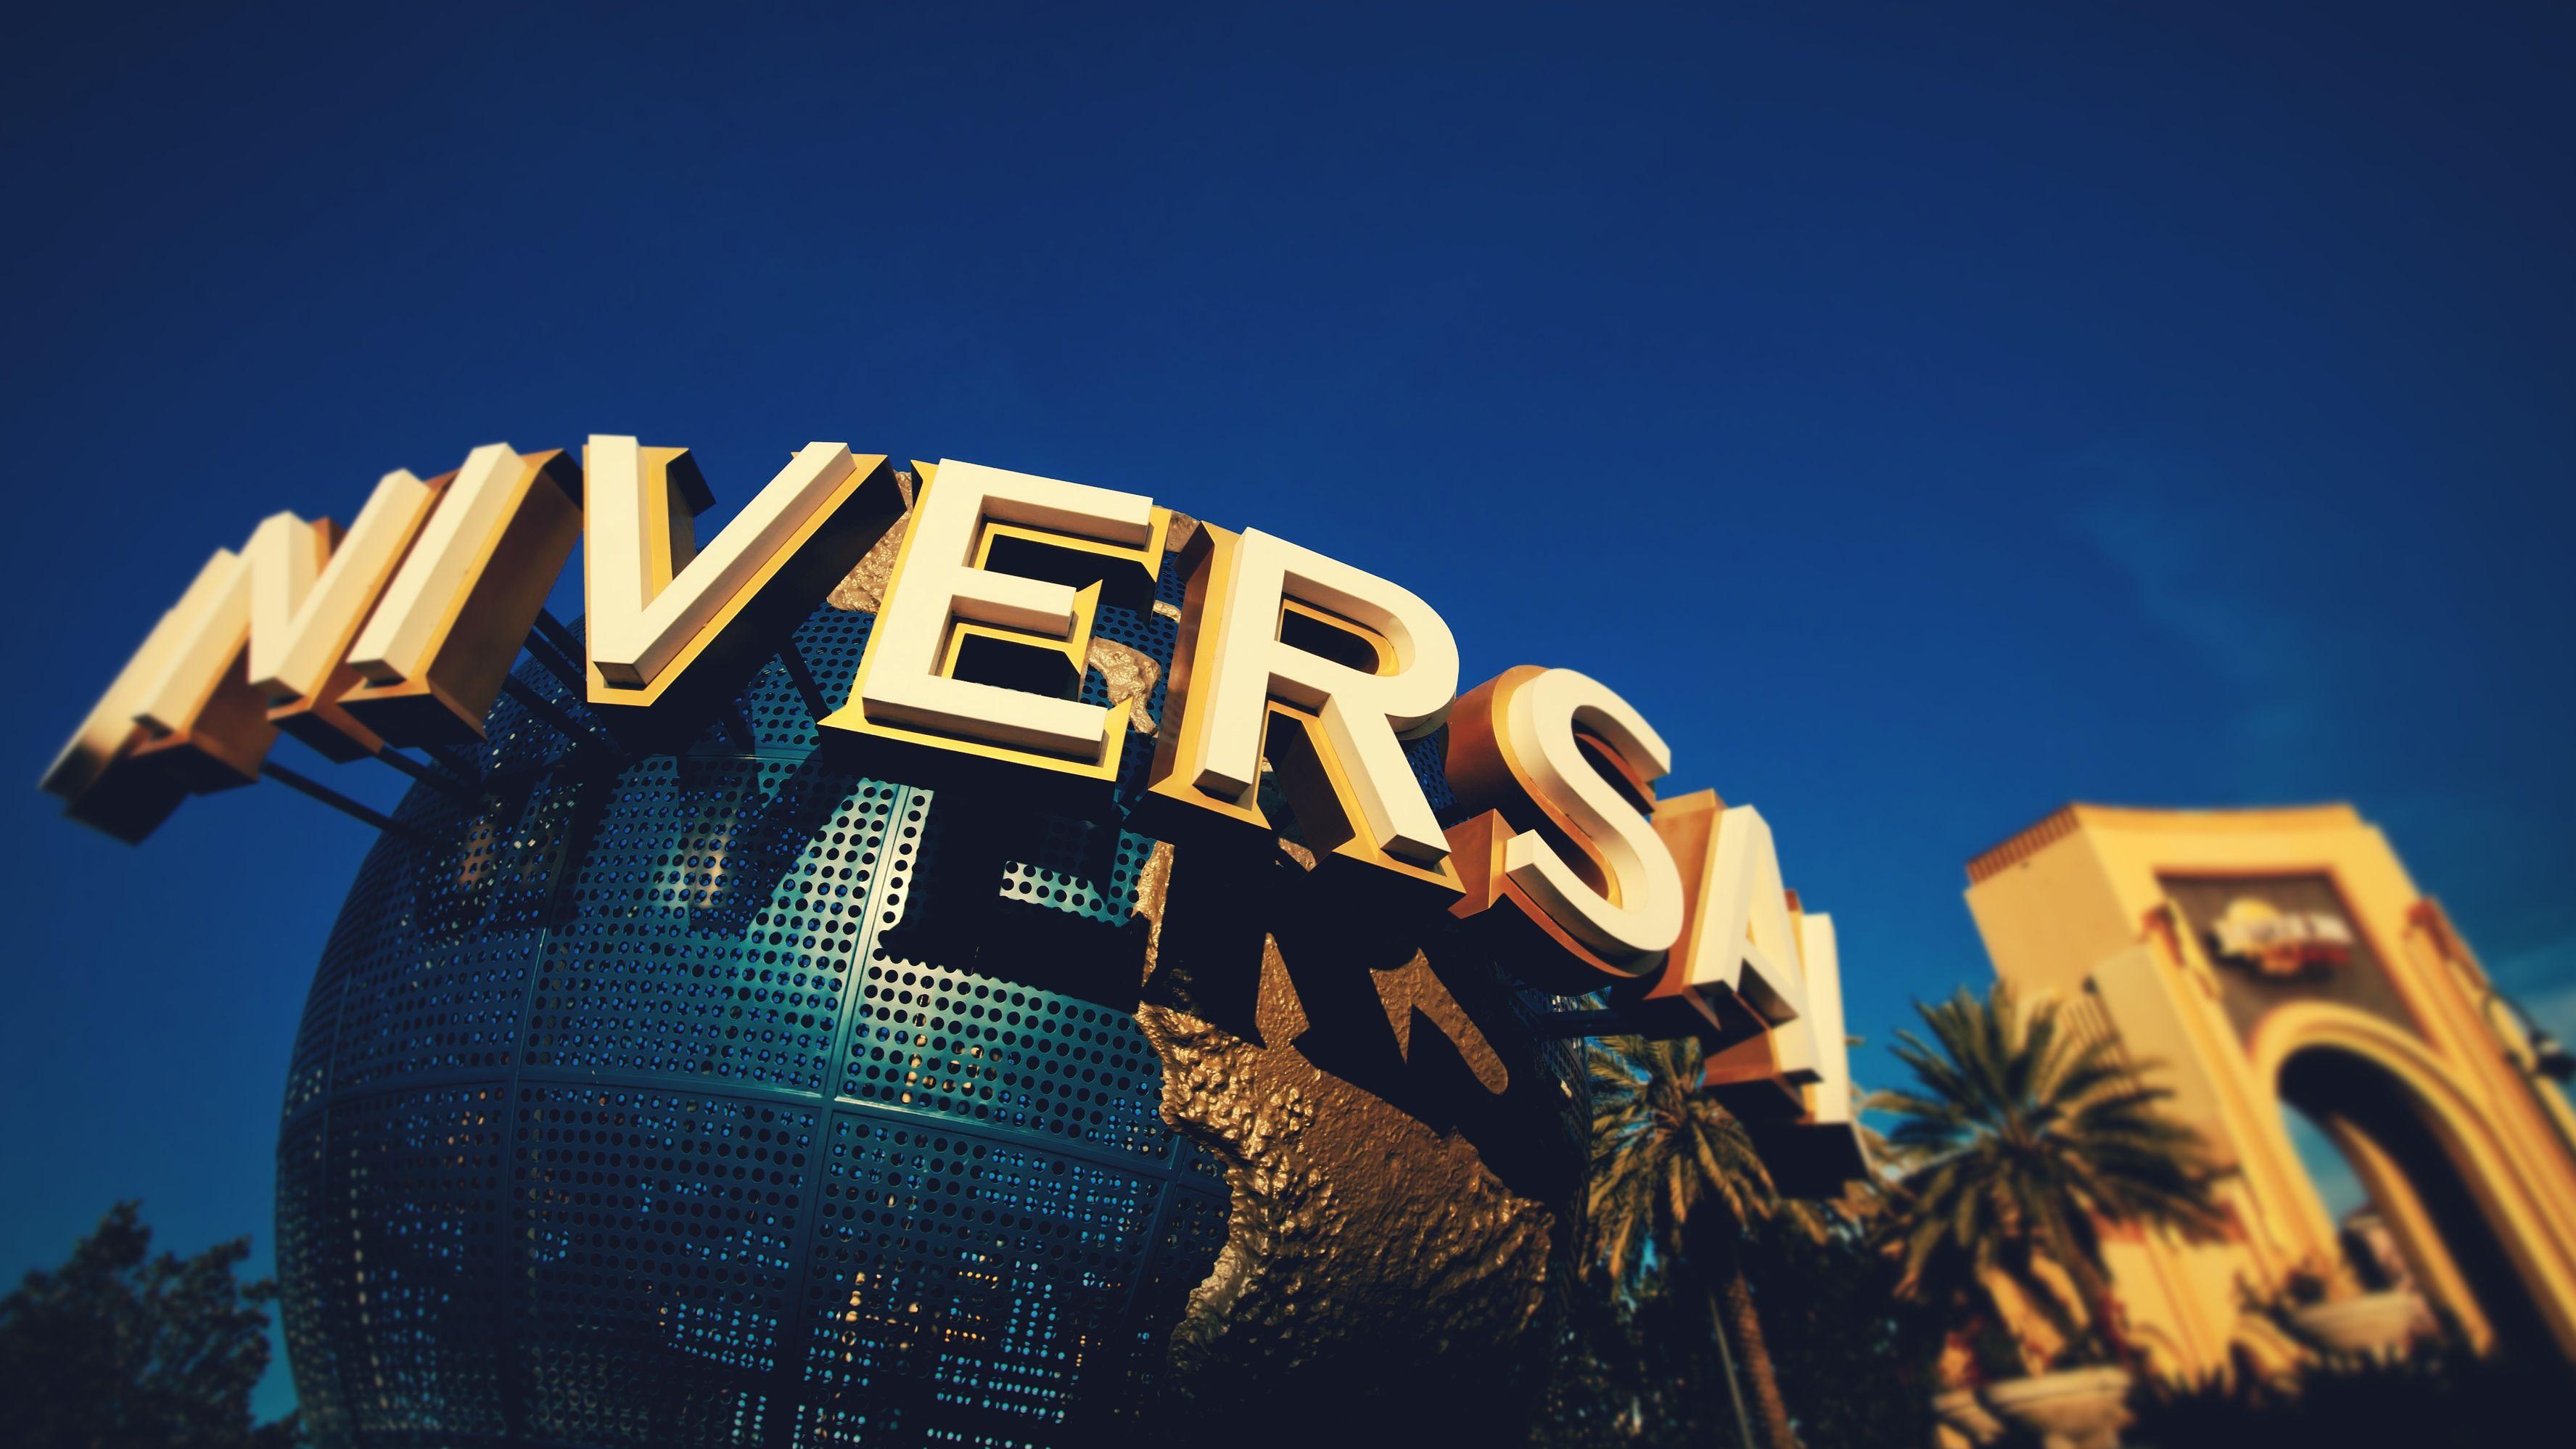 Universal-pretpark in Orlando